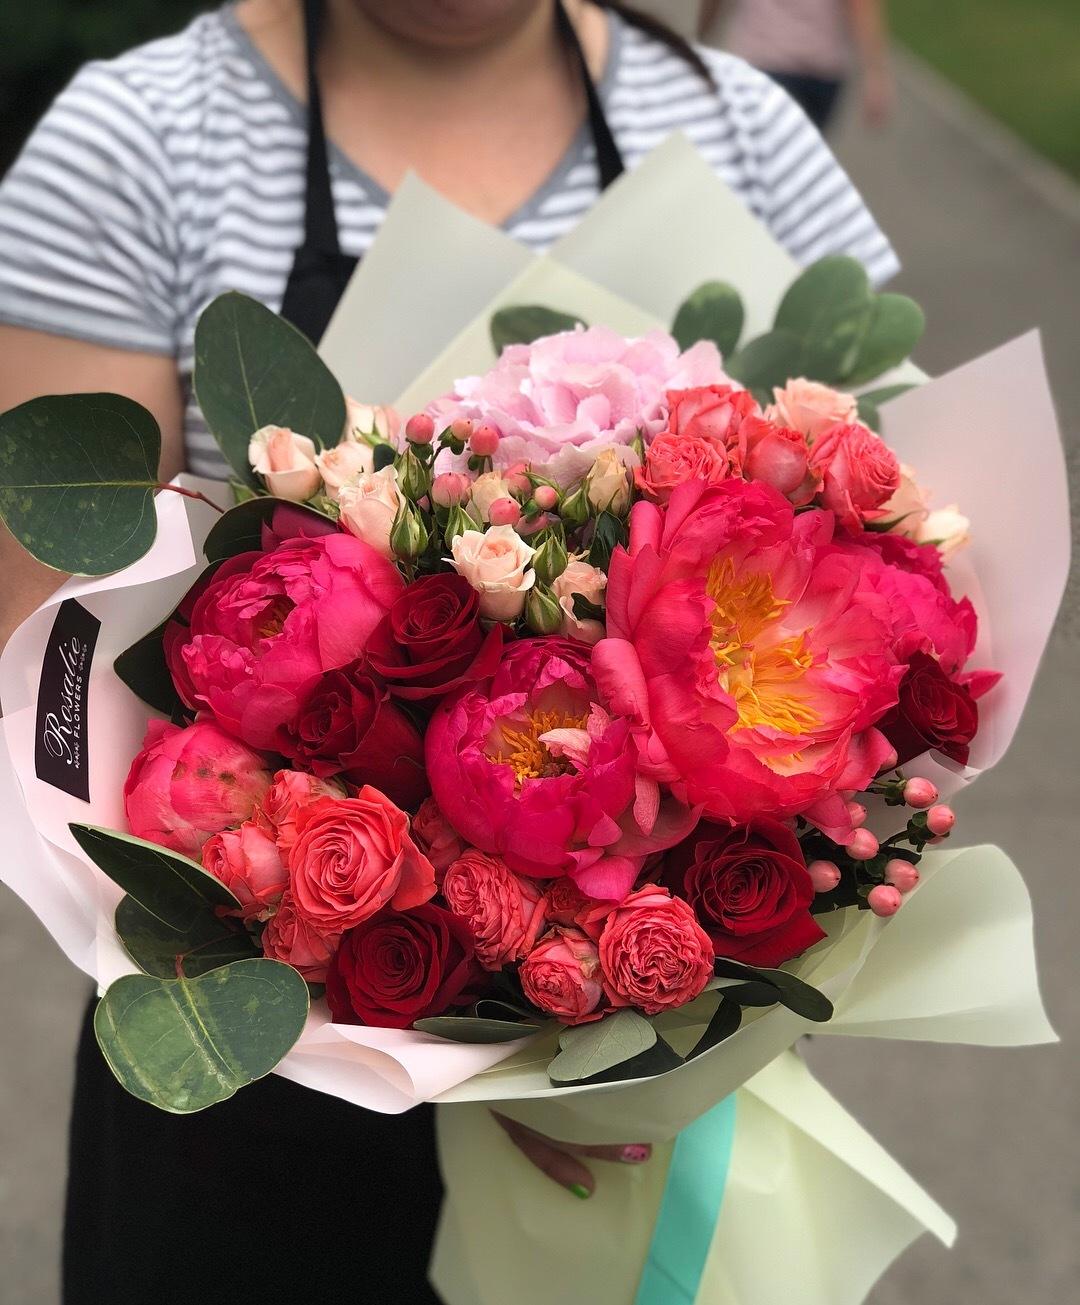 Цветов белые, доставка цветов в алматы круглосуточно недорого